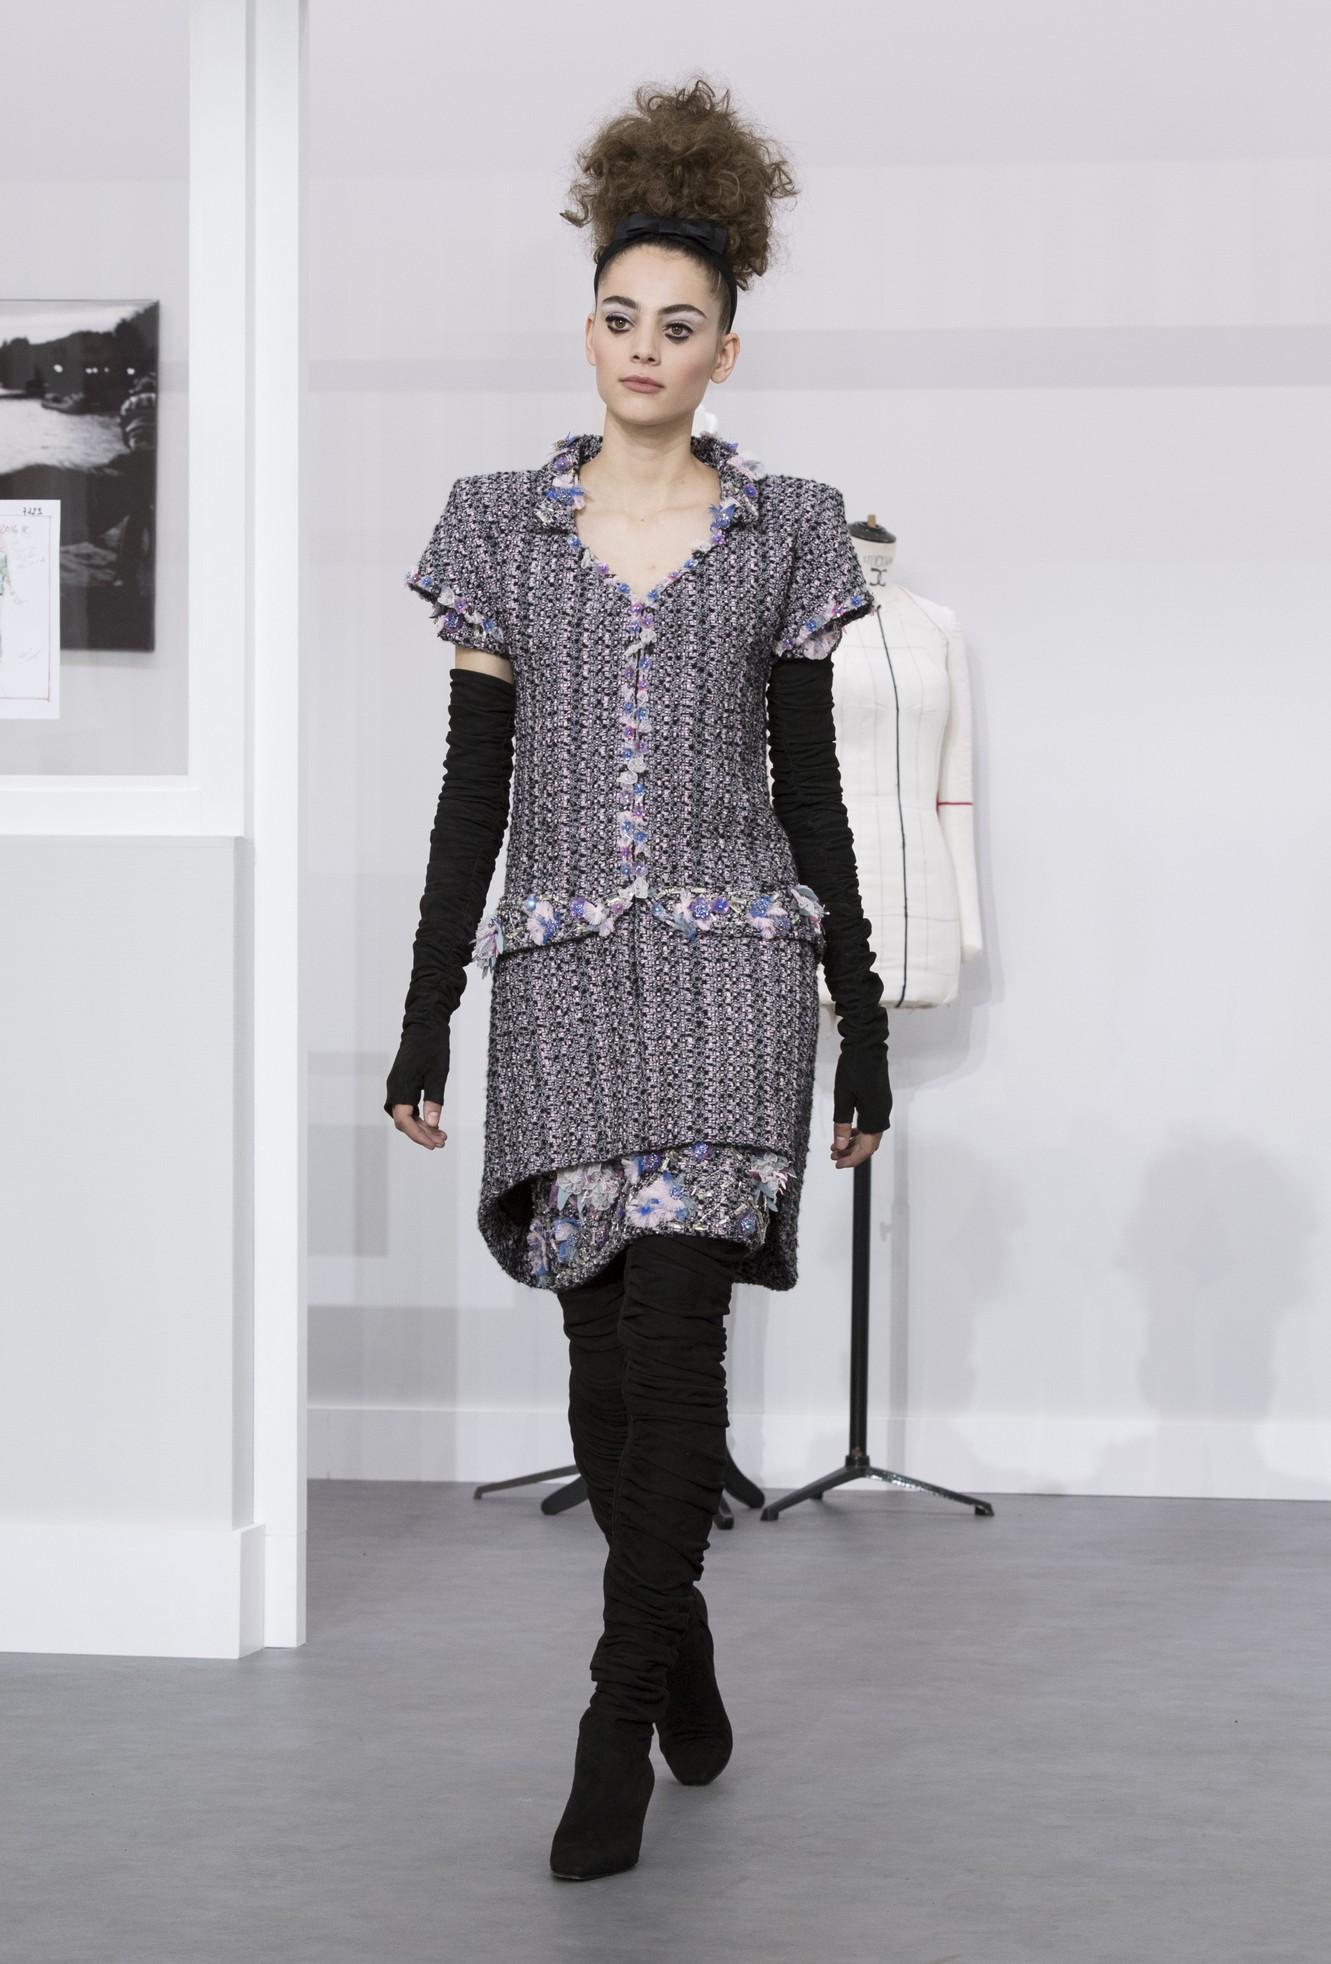 Chanel Haute Couture autunno inverno 2017, foto